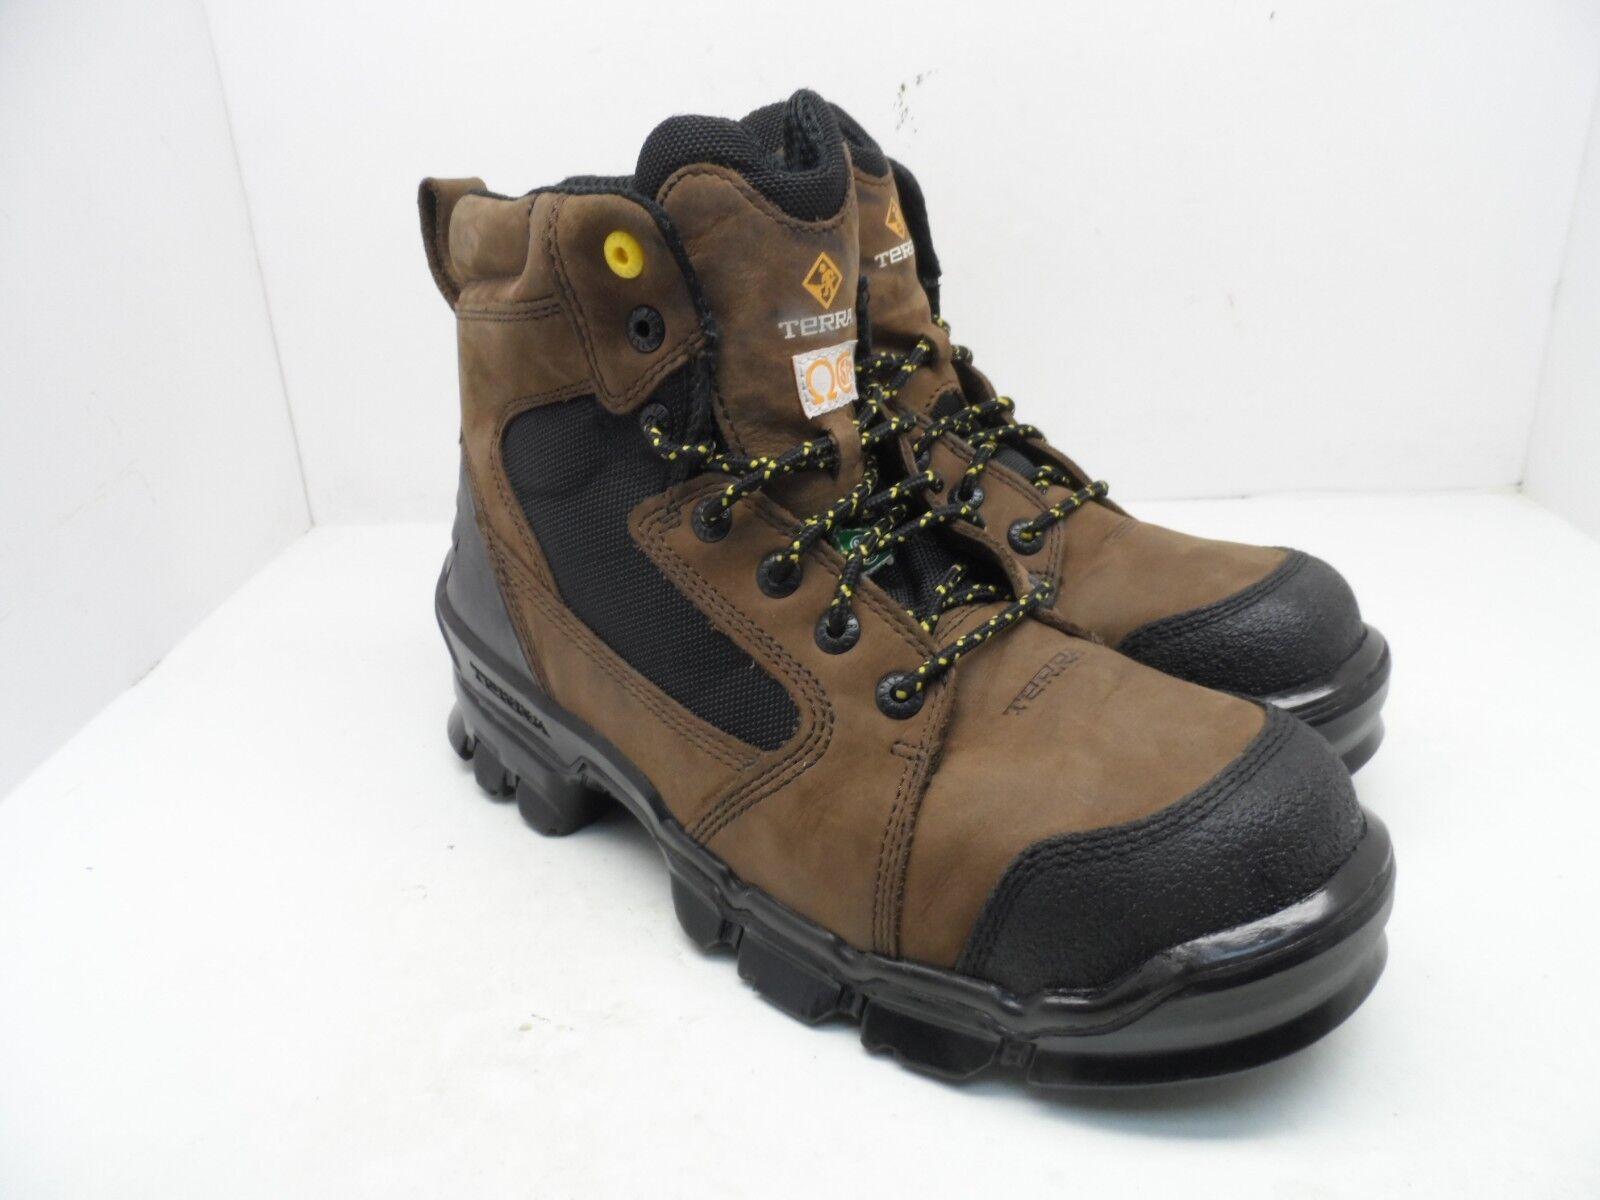 Terra Men's 6  Zephyr Composite Toe Work Boot Brown Size 10.5M